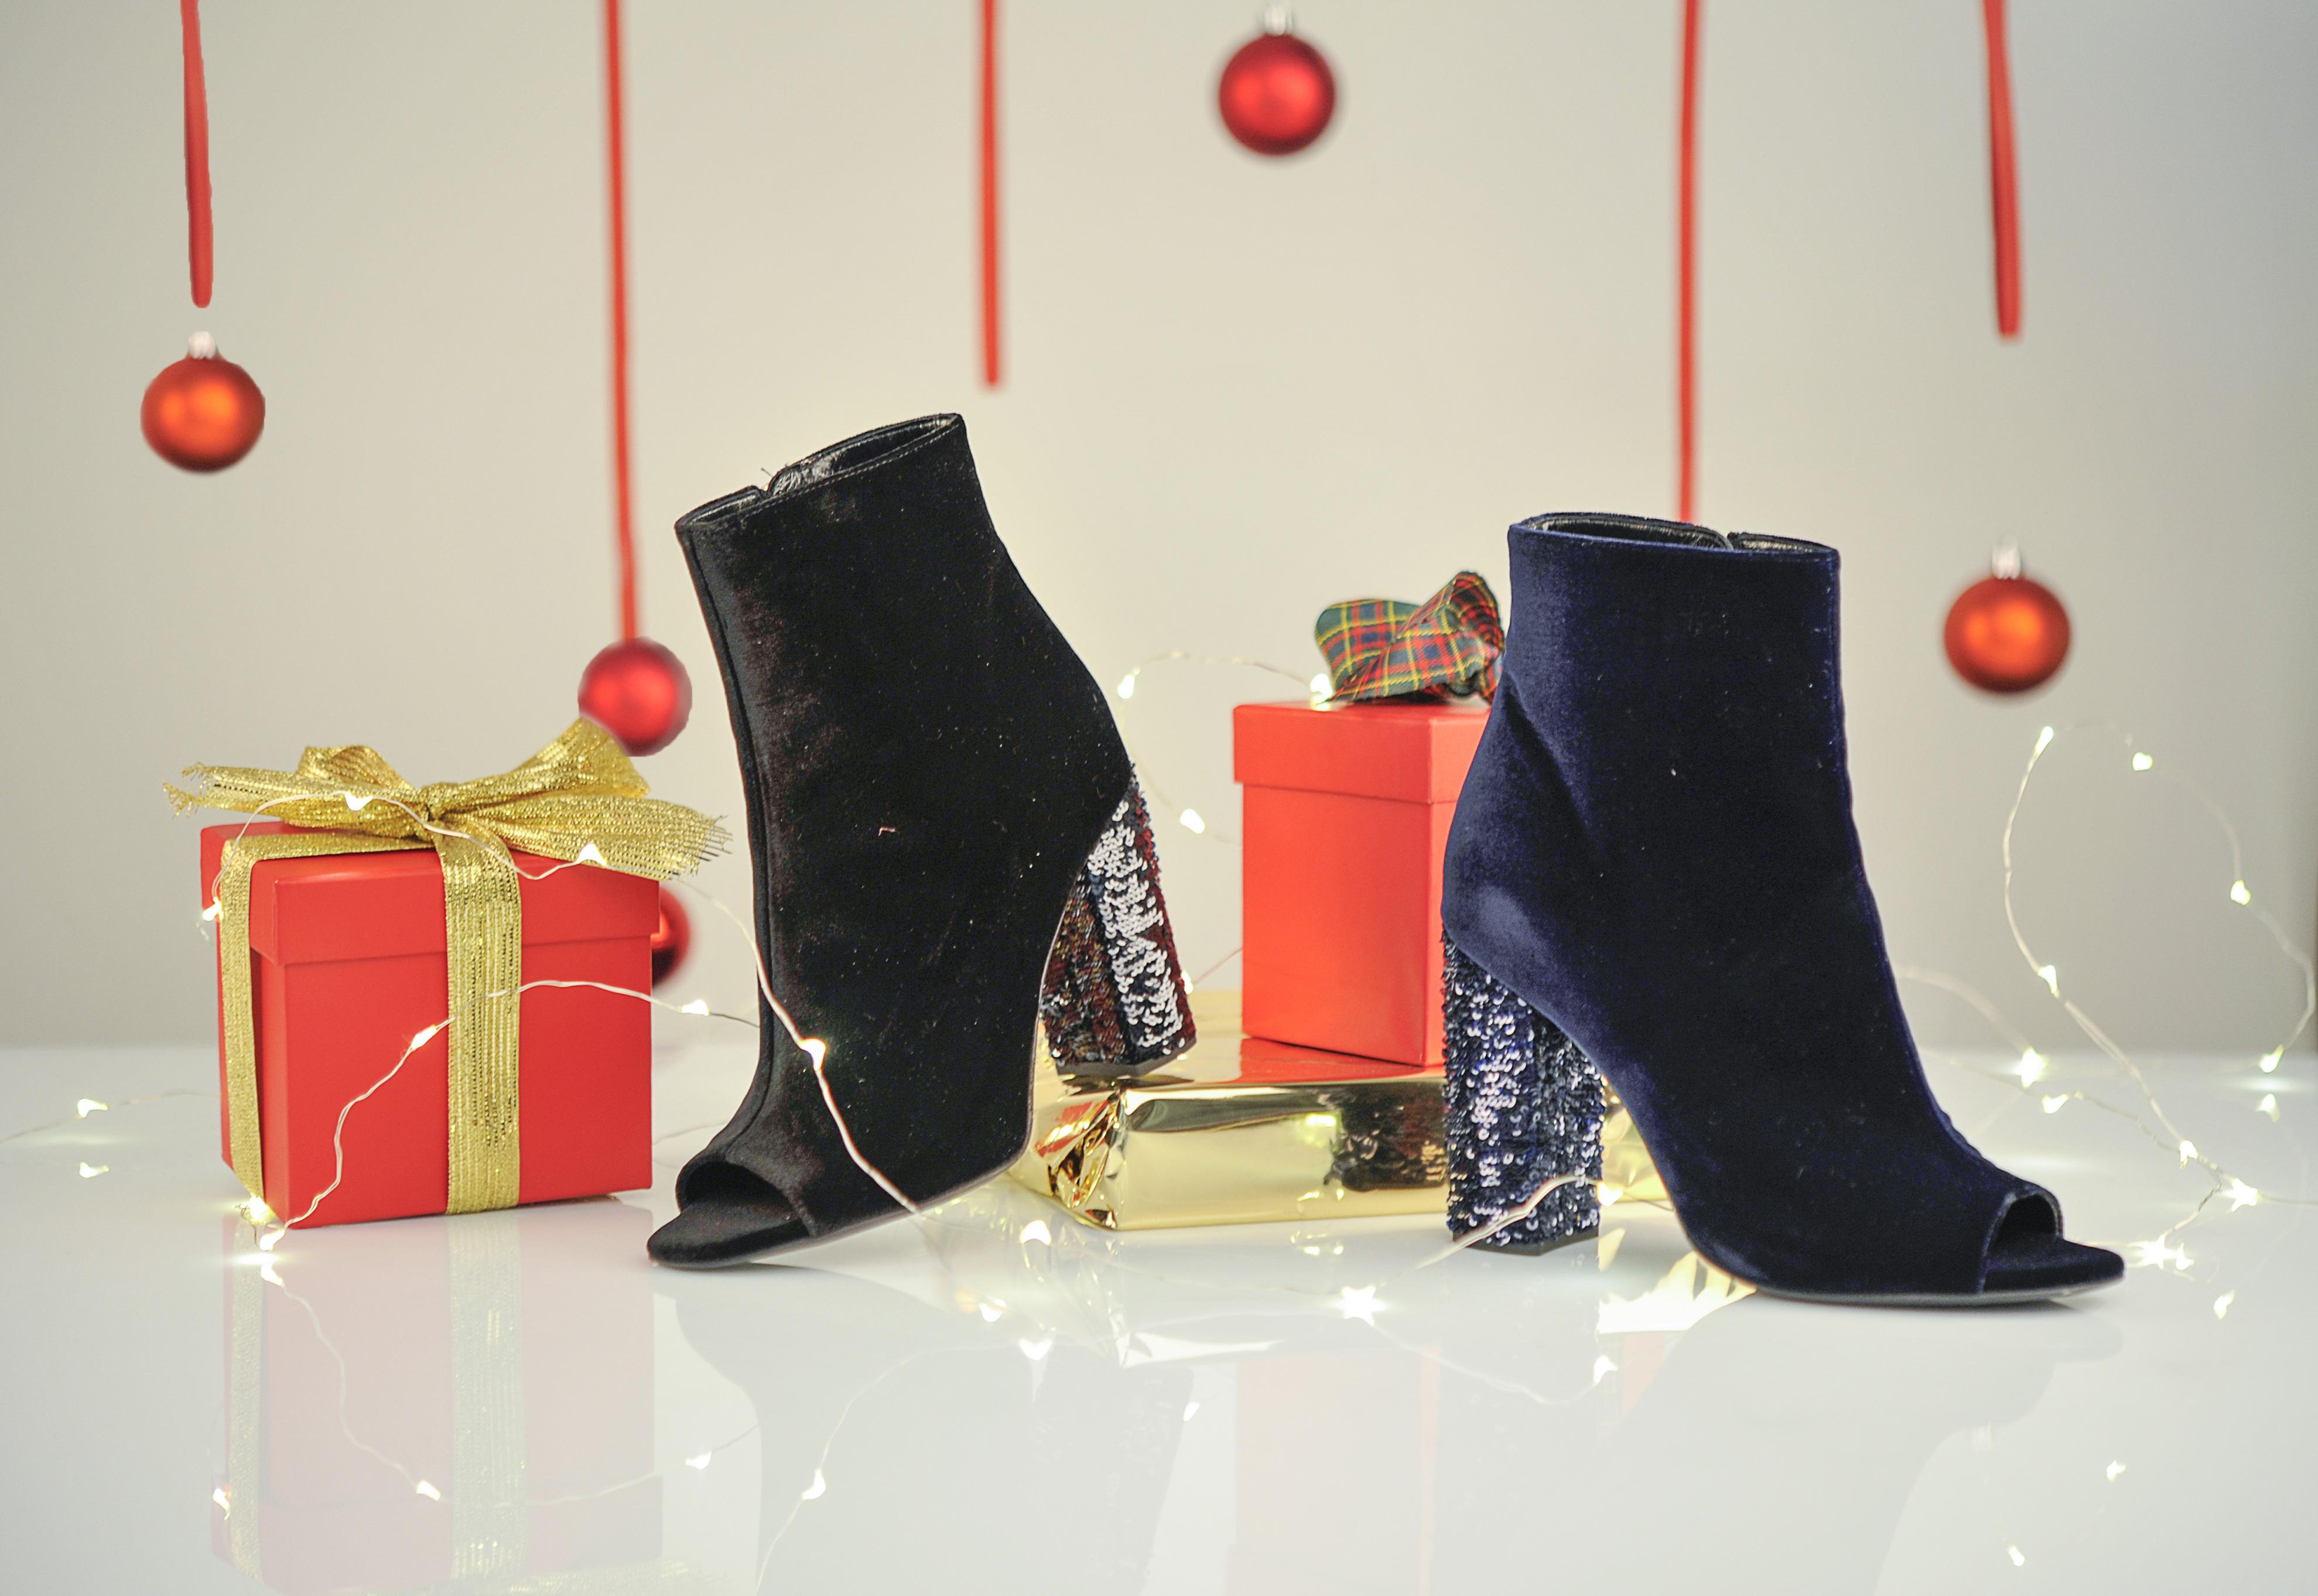 зимние волшебные картинки с обувью несколько